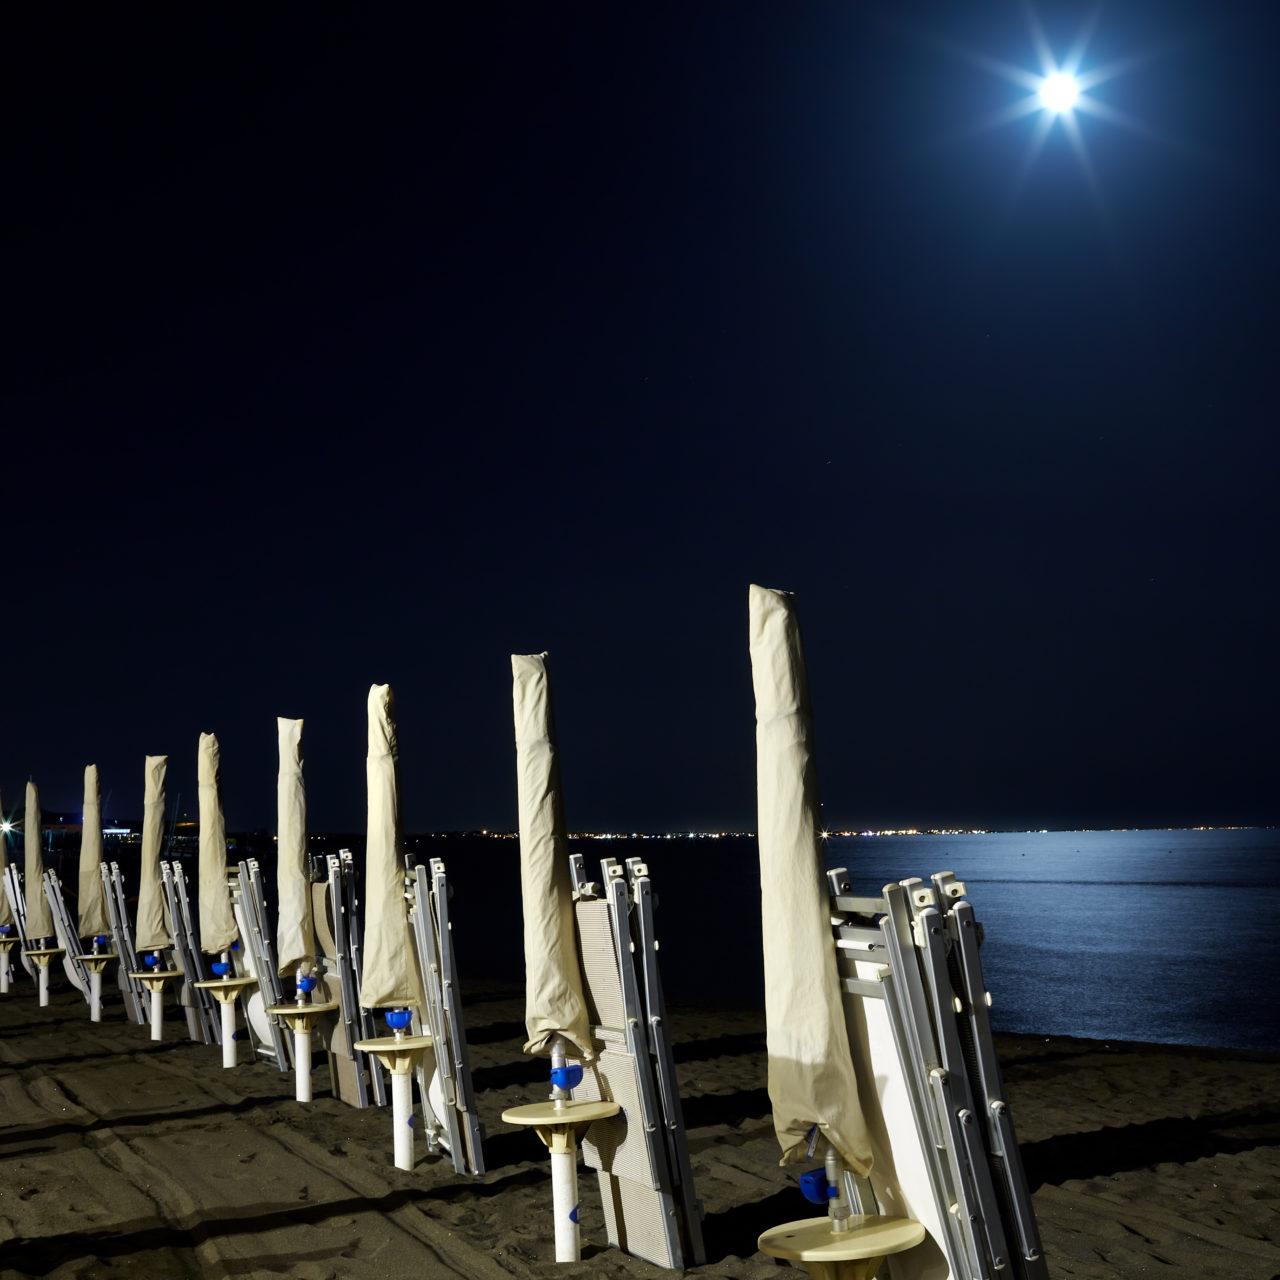 La dernière Pleine Lune de l'année est ambiguë